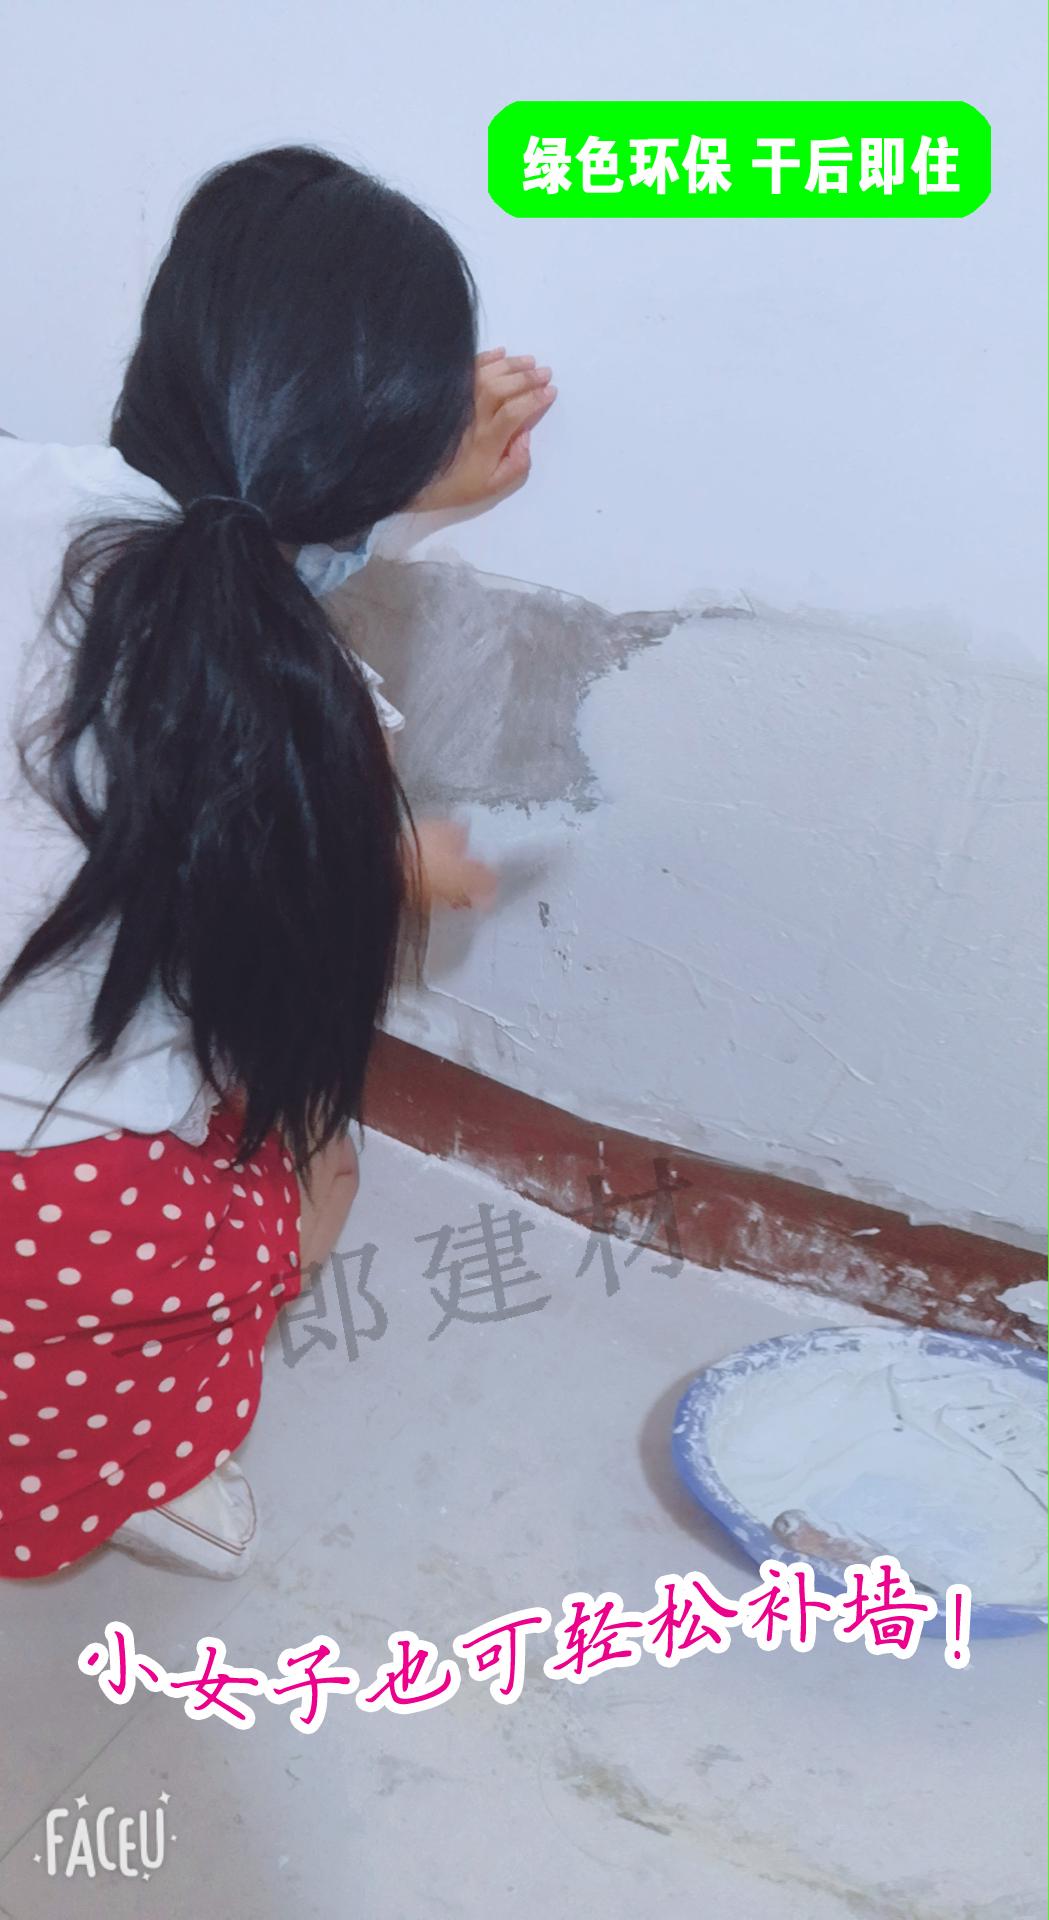 包邮425高标白水泥5斤2500g填缝补墙堵洞装地漏做水磨石工艺品